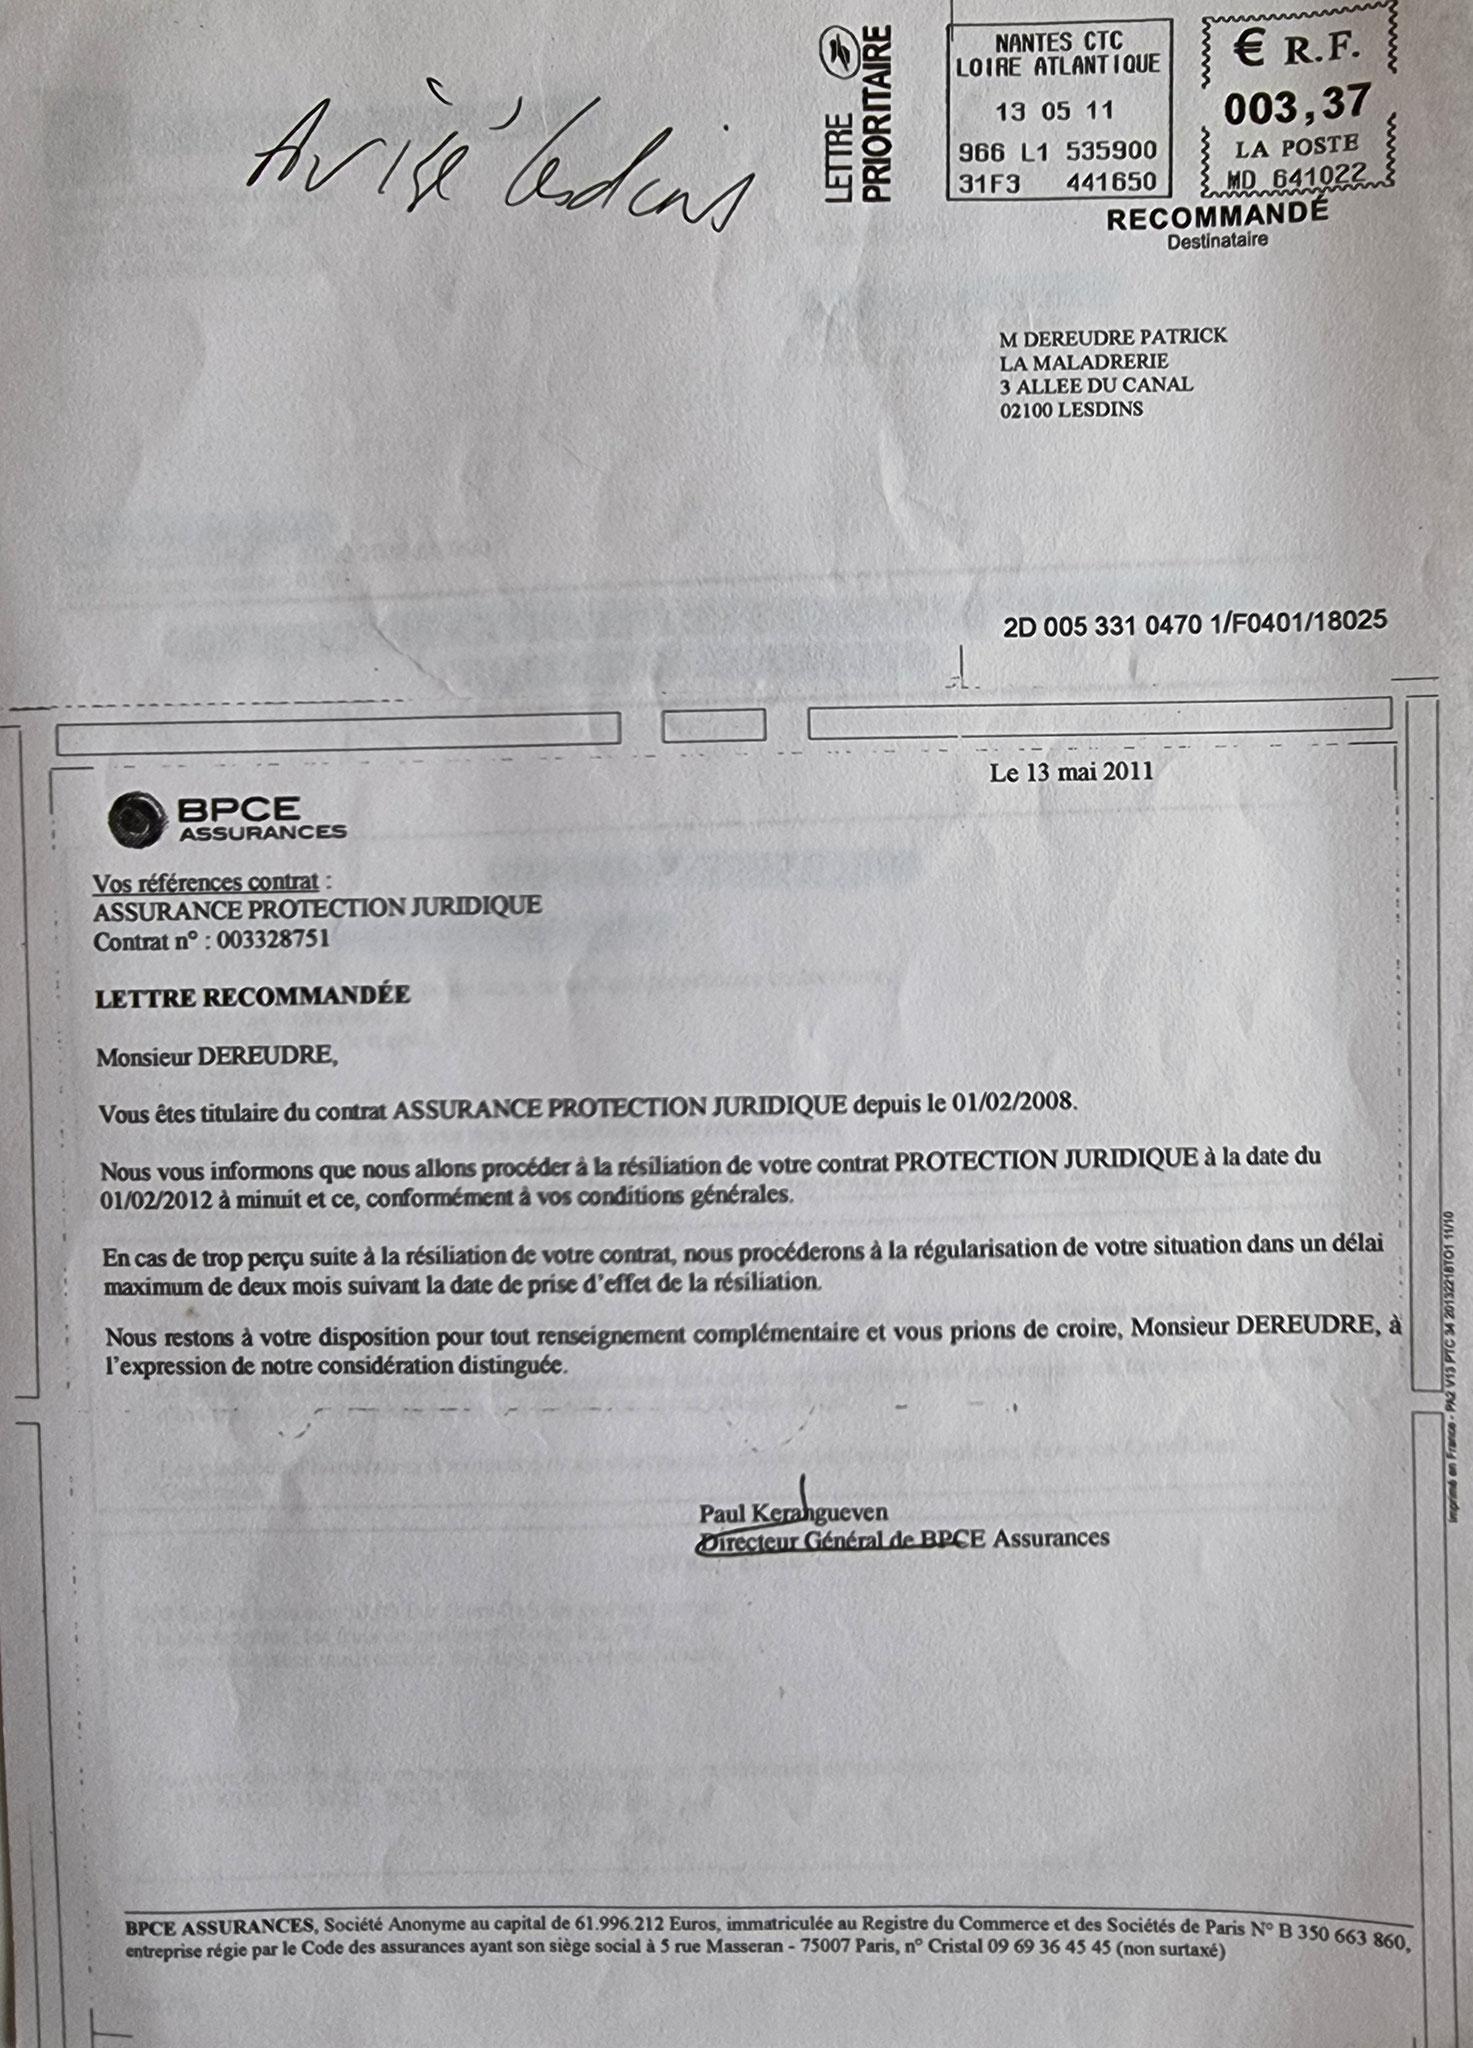 Le 13 Mai 2011 la BPCE Protection Juridique CAISSE EPARGNE résilie notre Protection Juridique alors que j'allais déposé une plainte à l'Encontre de la MACIF pour ASSOCIATION DE MALFAITEUR EN BANDE ORGANISEE www.jenesuispasunchien.fr www.jesuispatrick.fr